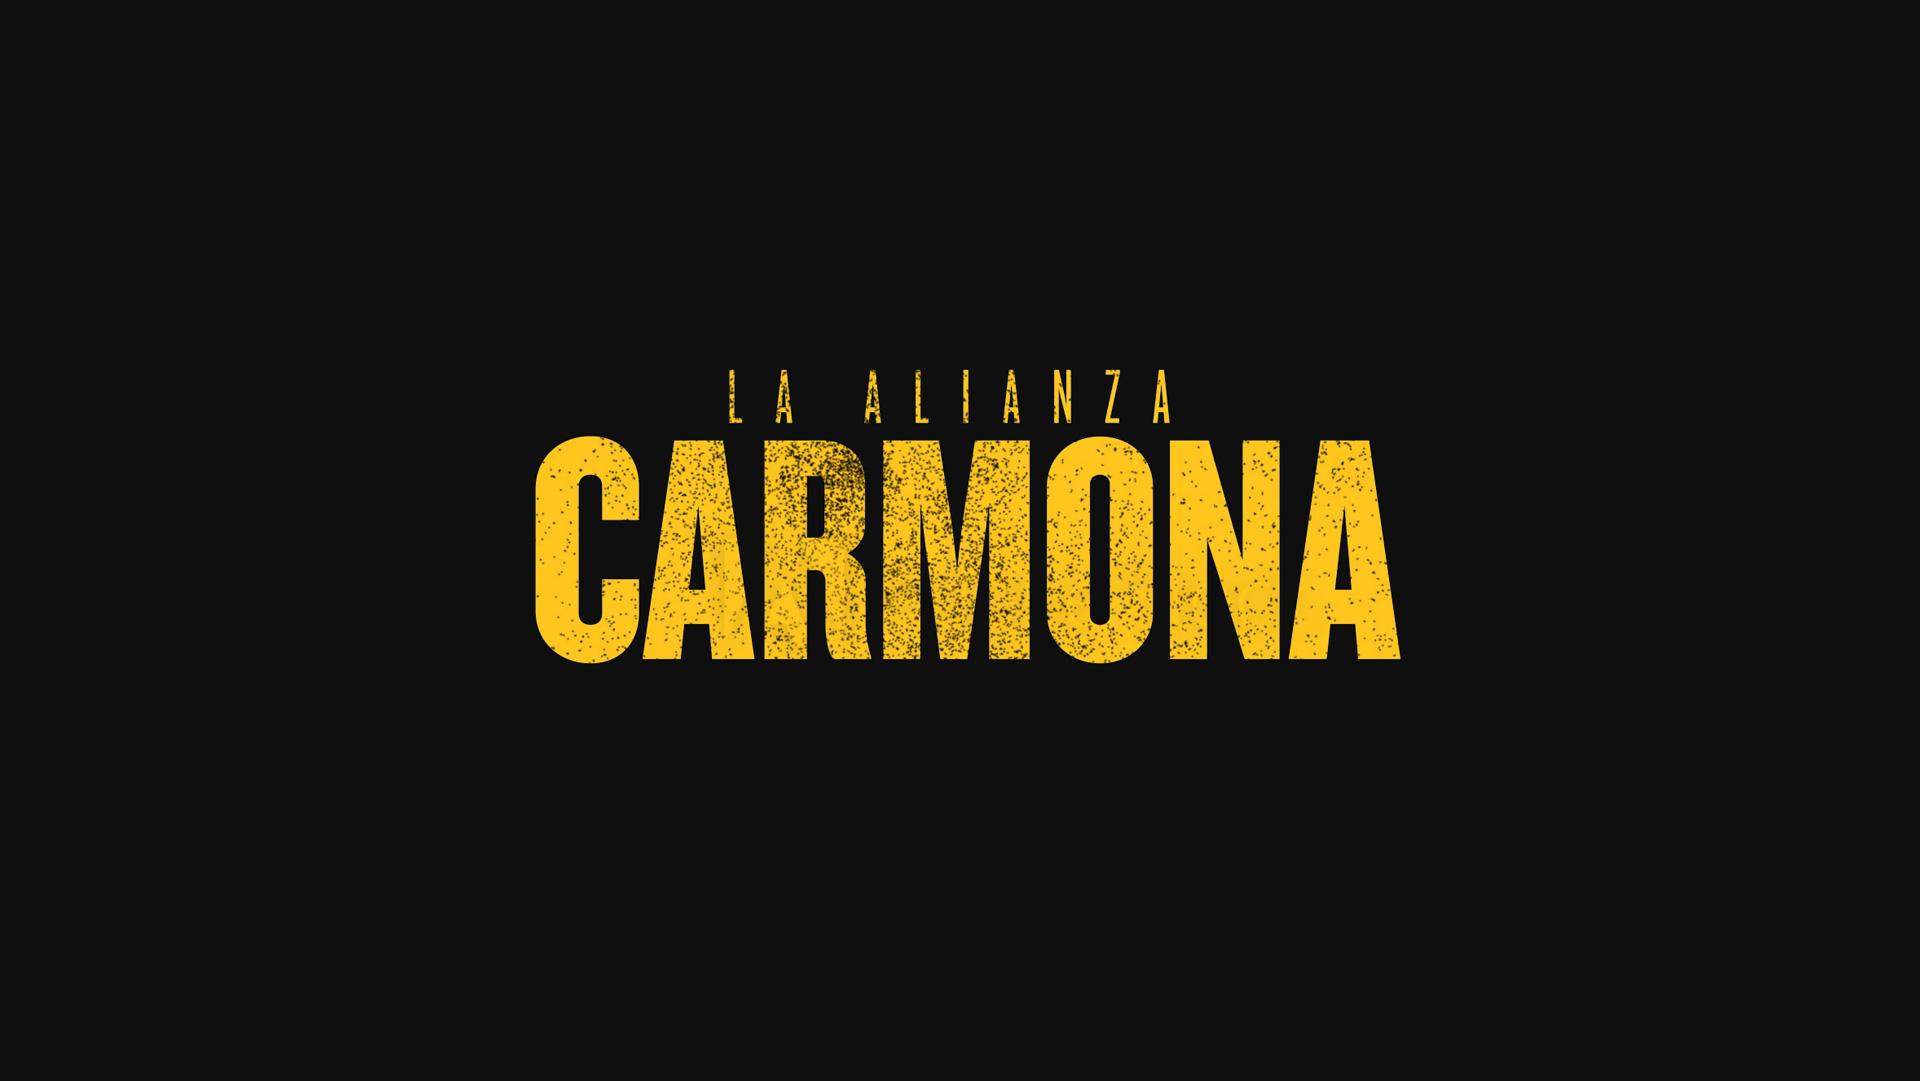 Alianza Carmona